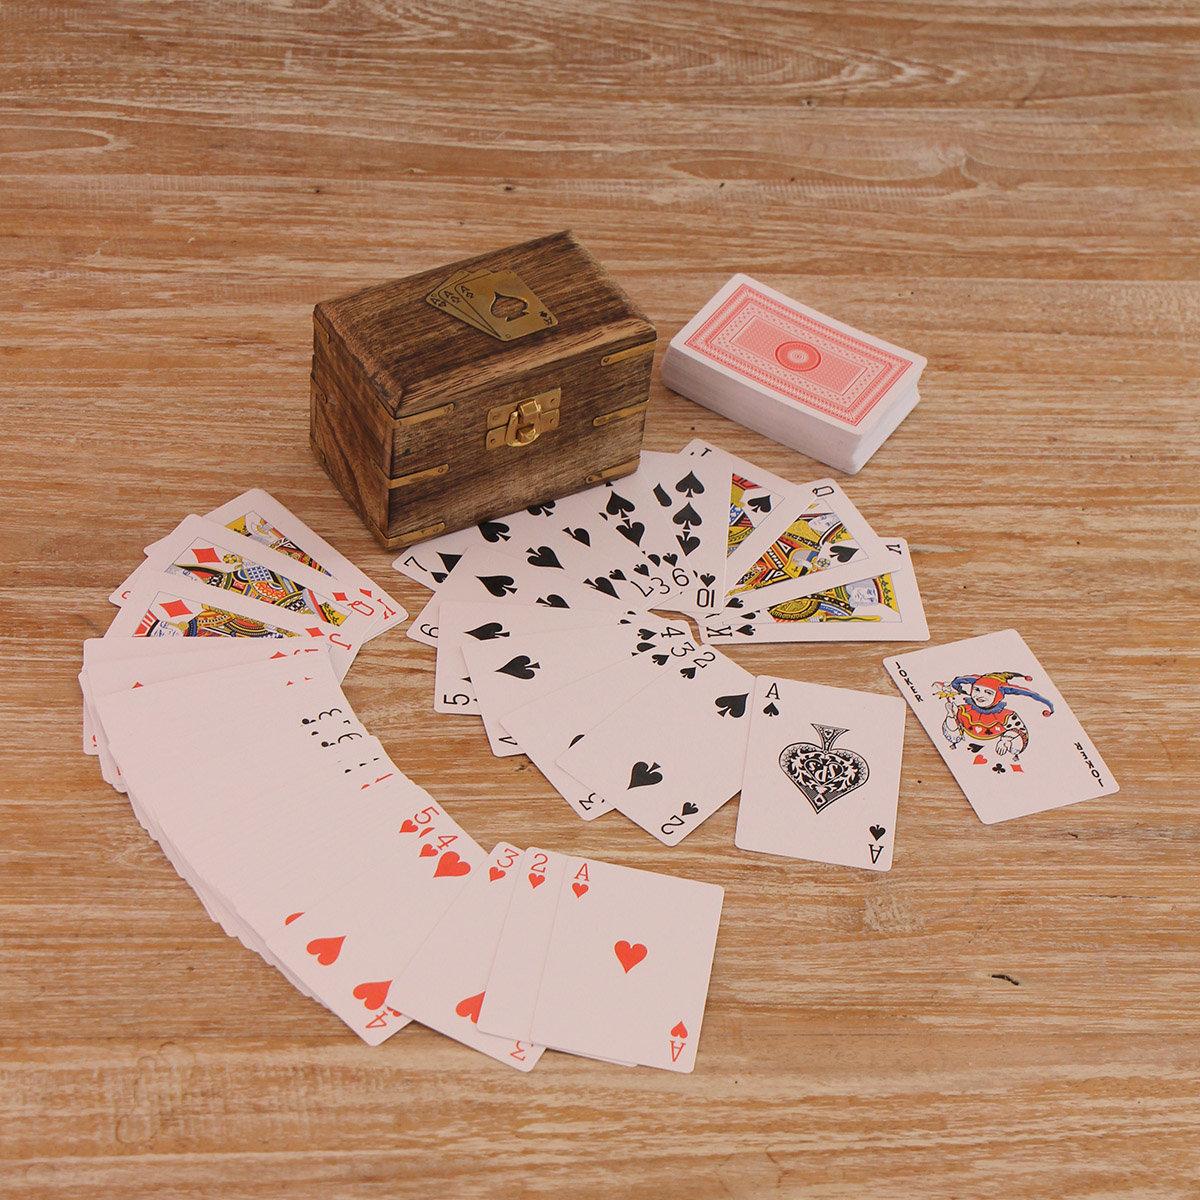 Spielkarten-Set Spielerglück